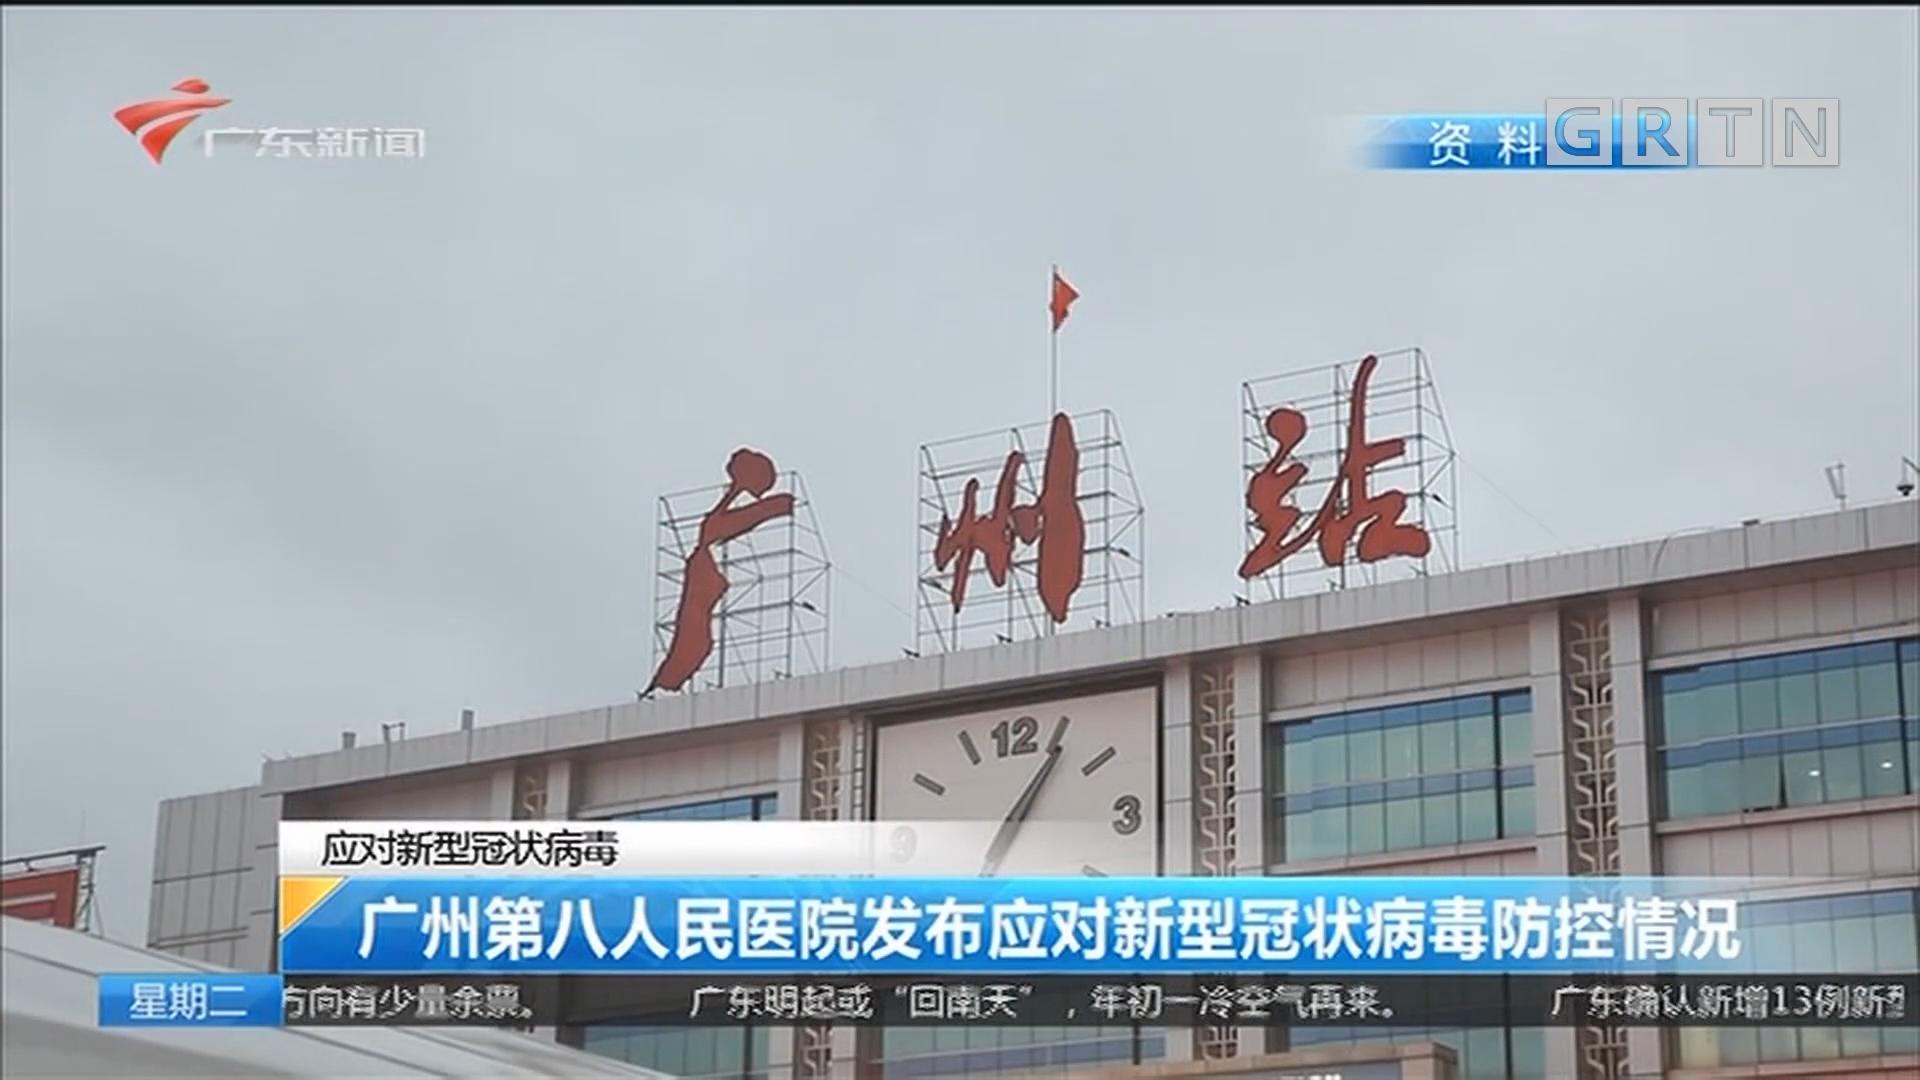 应对新型冠状病毒:广州第八人民医院发布应对新型冠状病毒防控情况